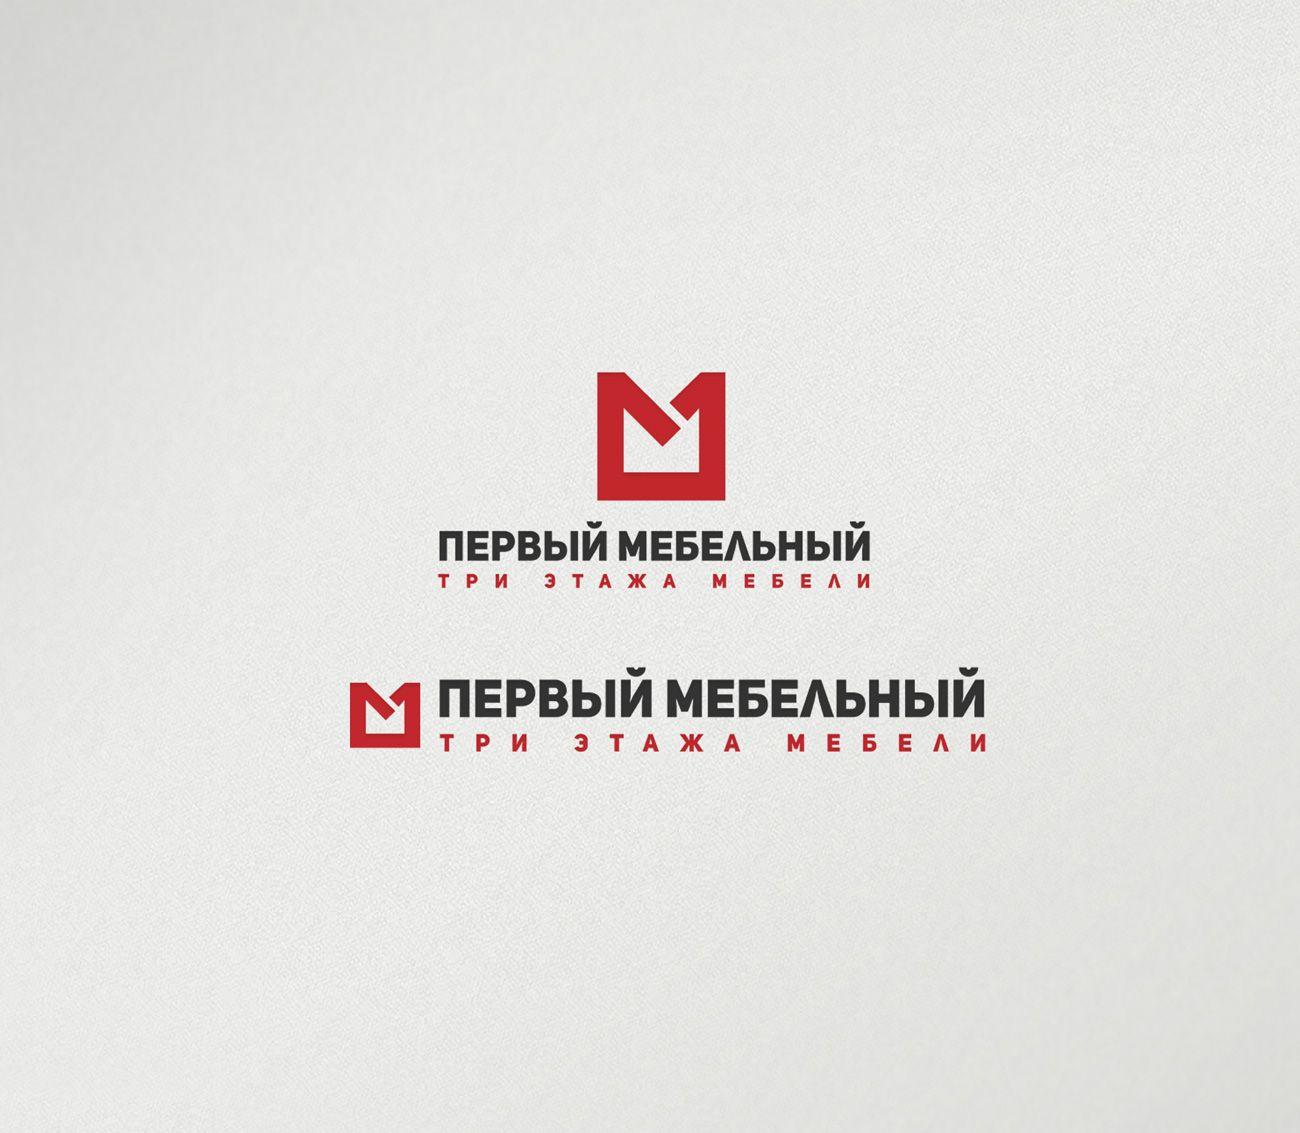 Логотип для Первый мебельный - дизайнер spawnkr